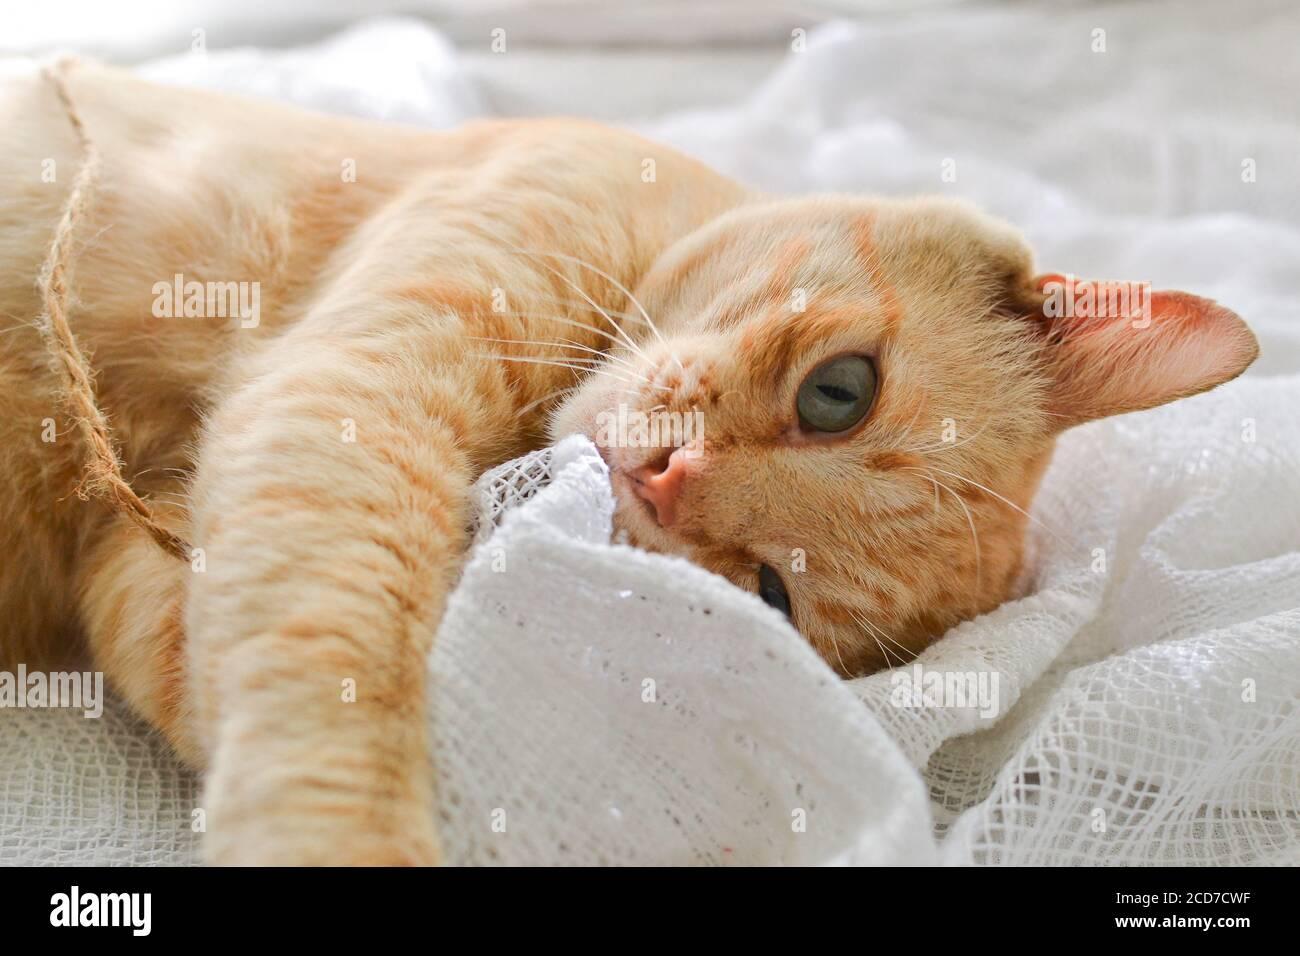 Gato rojo claro en una manta blanca, luz de la ventana. Un lindo gato de jengibre se encuentra bajo una manta blanca en el alféizar de la ventana, en la cama. Foto de stock